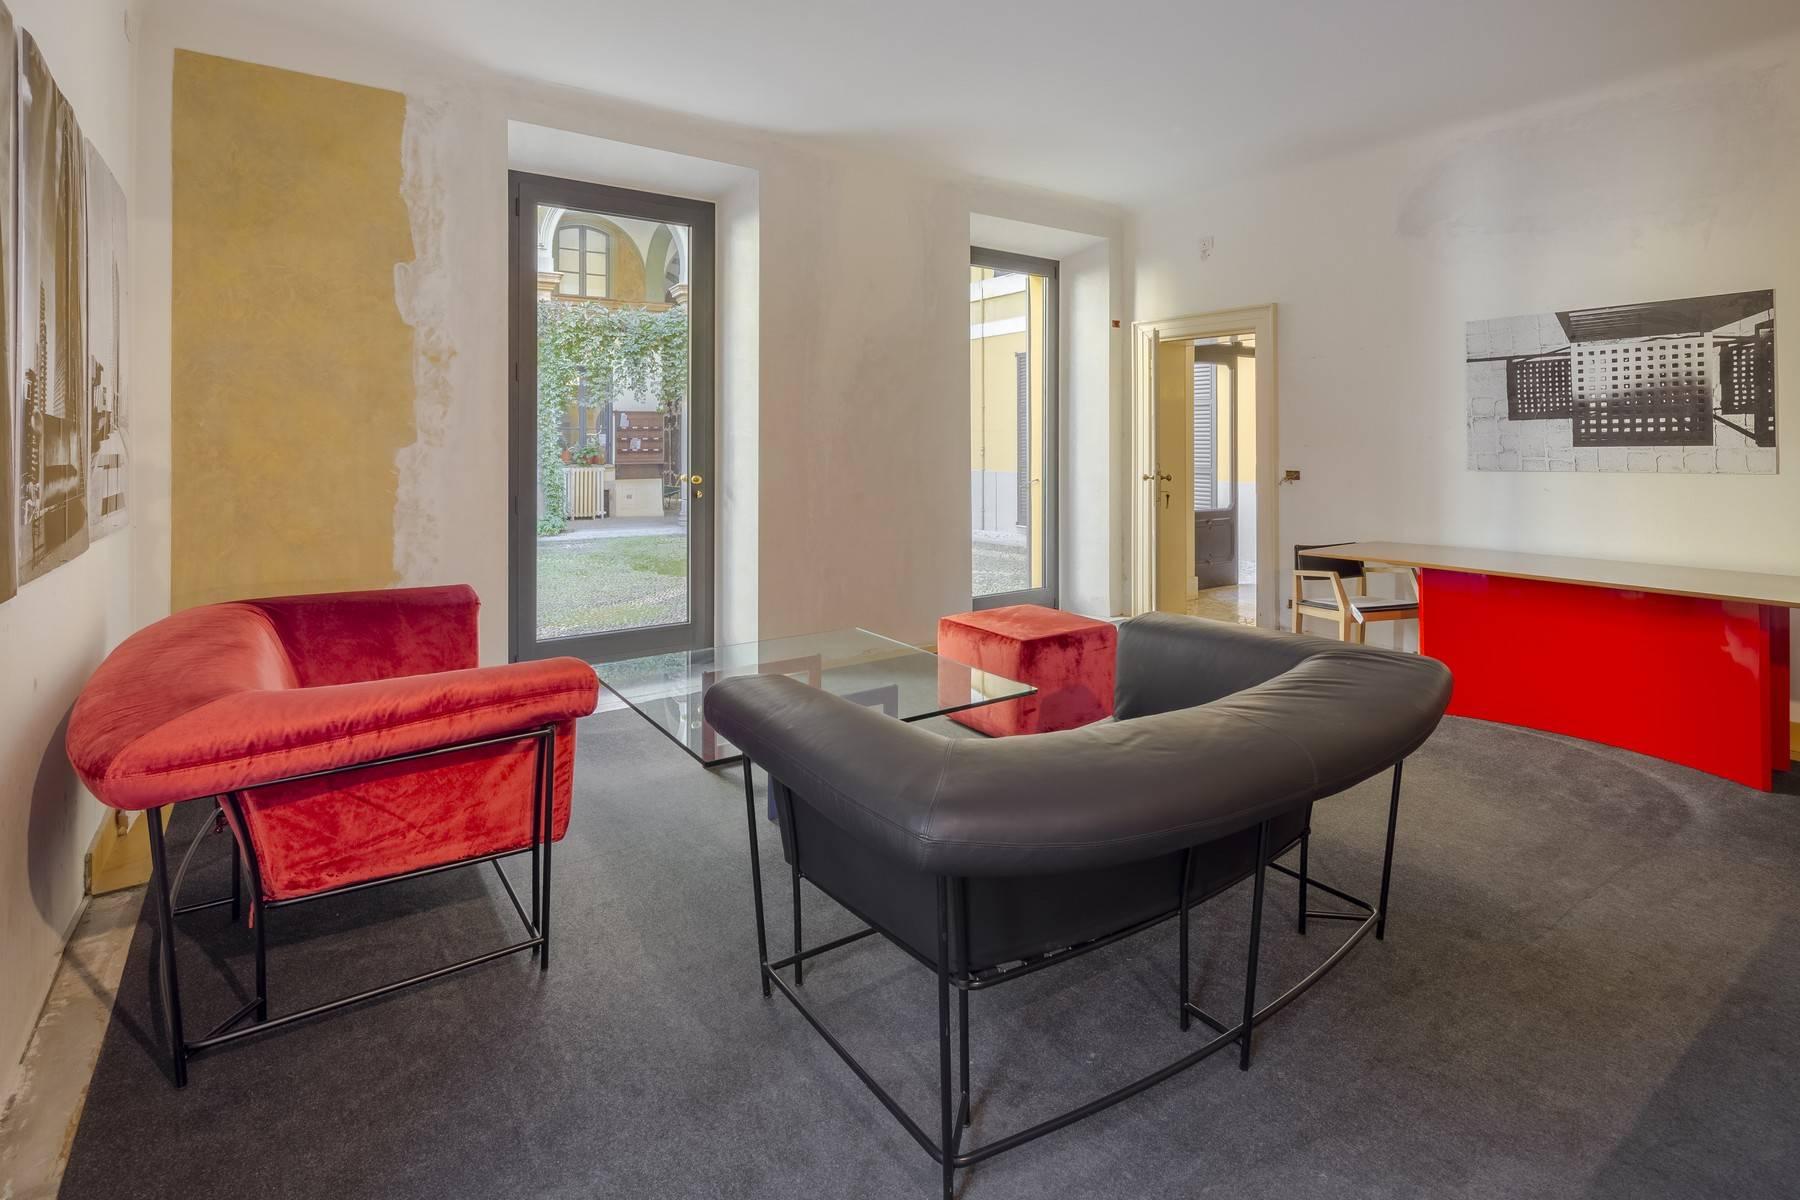 Negozio-locale in Affitto a Milano: 2 locali, 100 mq - Foto 15